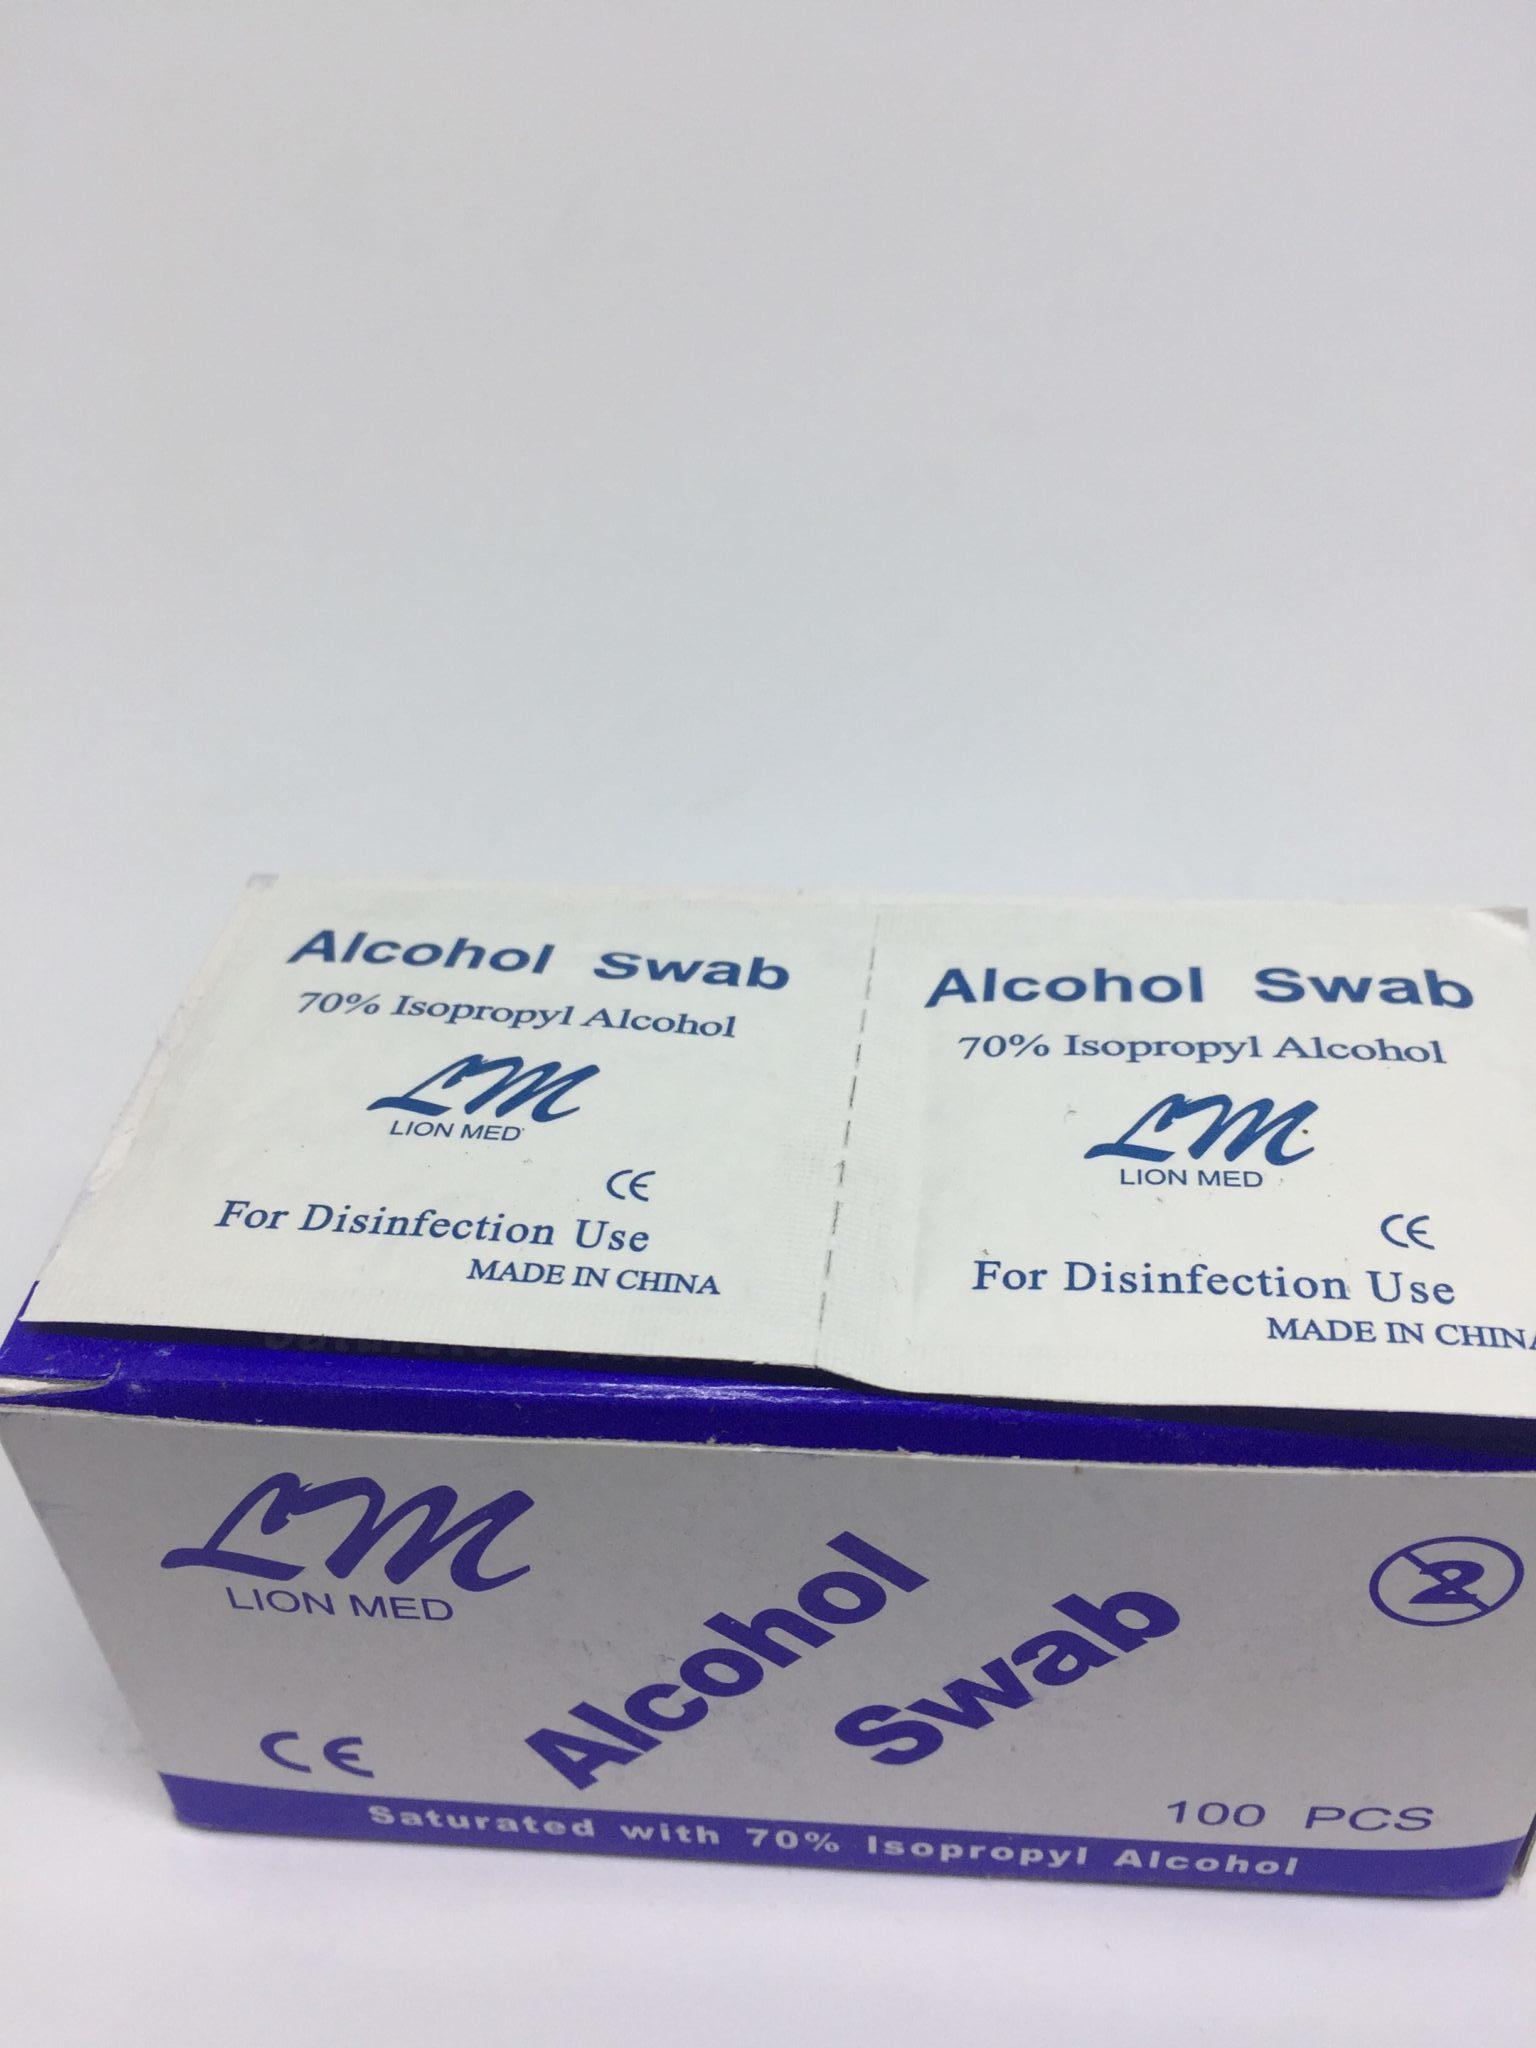 Alcohol swab in Lagos, Nigeria